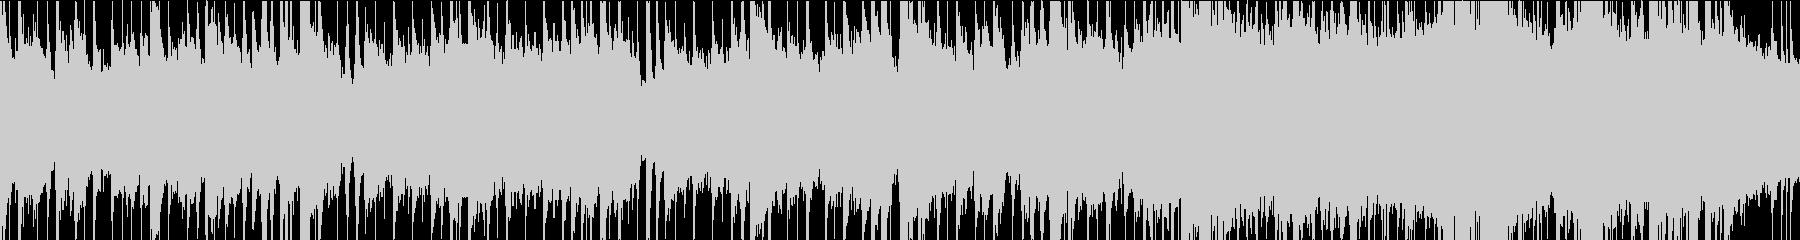 壮大なカントリーバラード/生音ループの未再生の波形